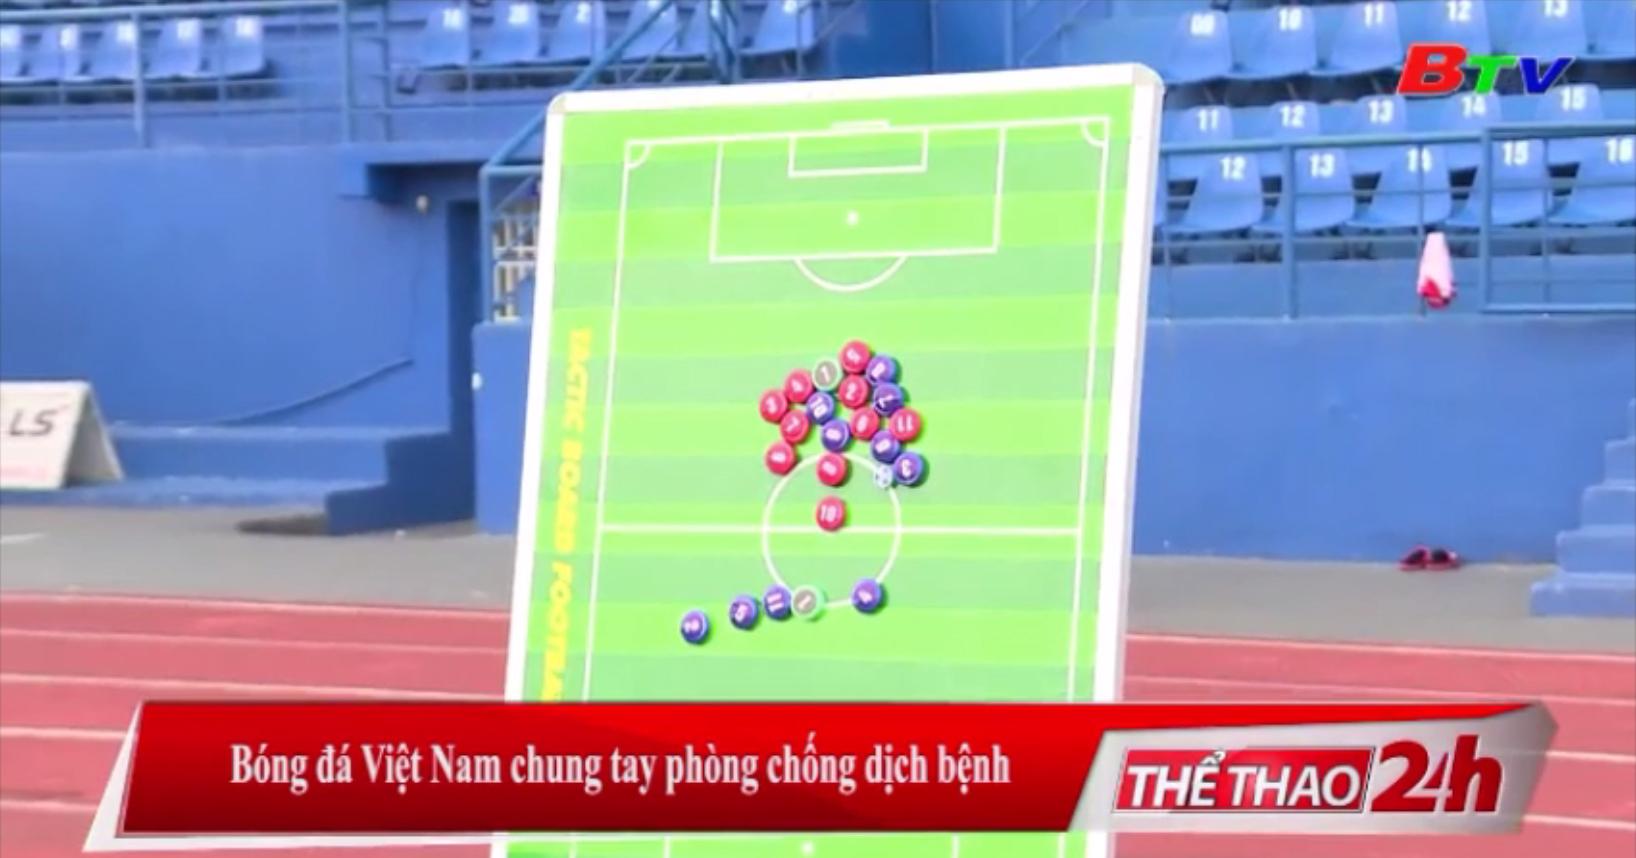 Bóng đá Việt Nam chung tay phòng chống dịch bệnh